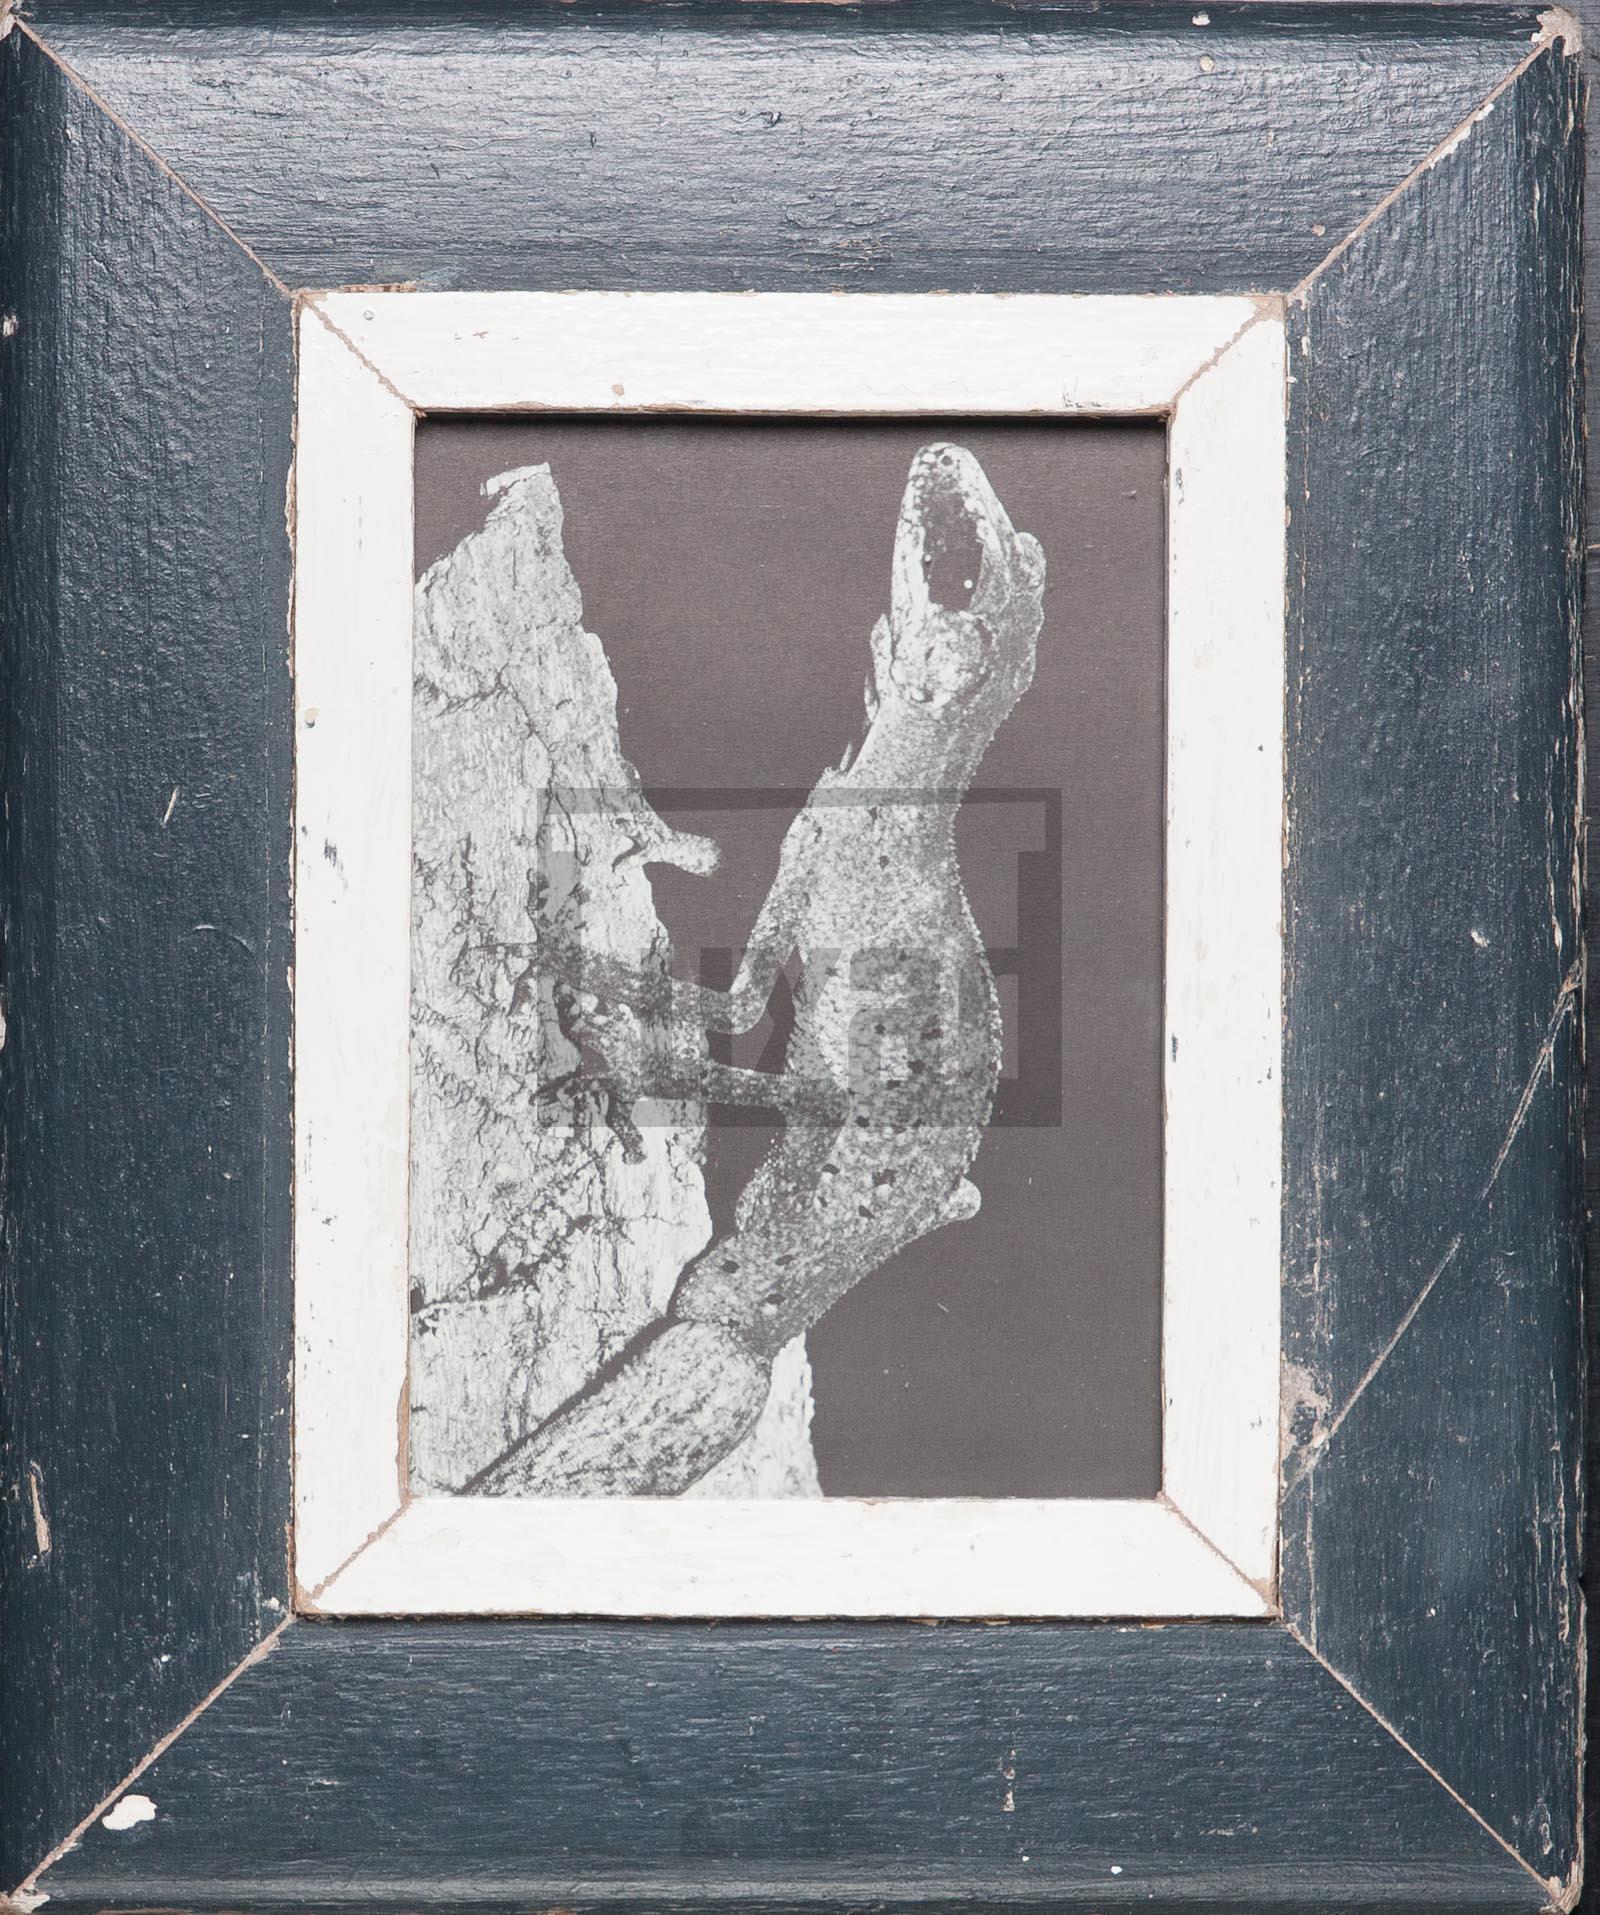 Vintage-Fotorahmen aus recyceltem Holz für dein Lieblingsfoto